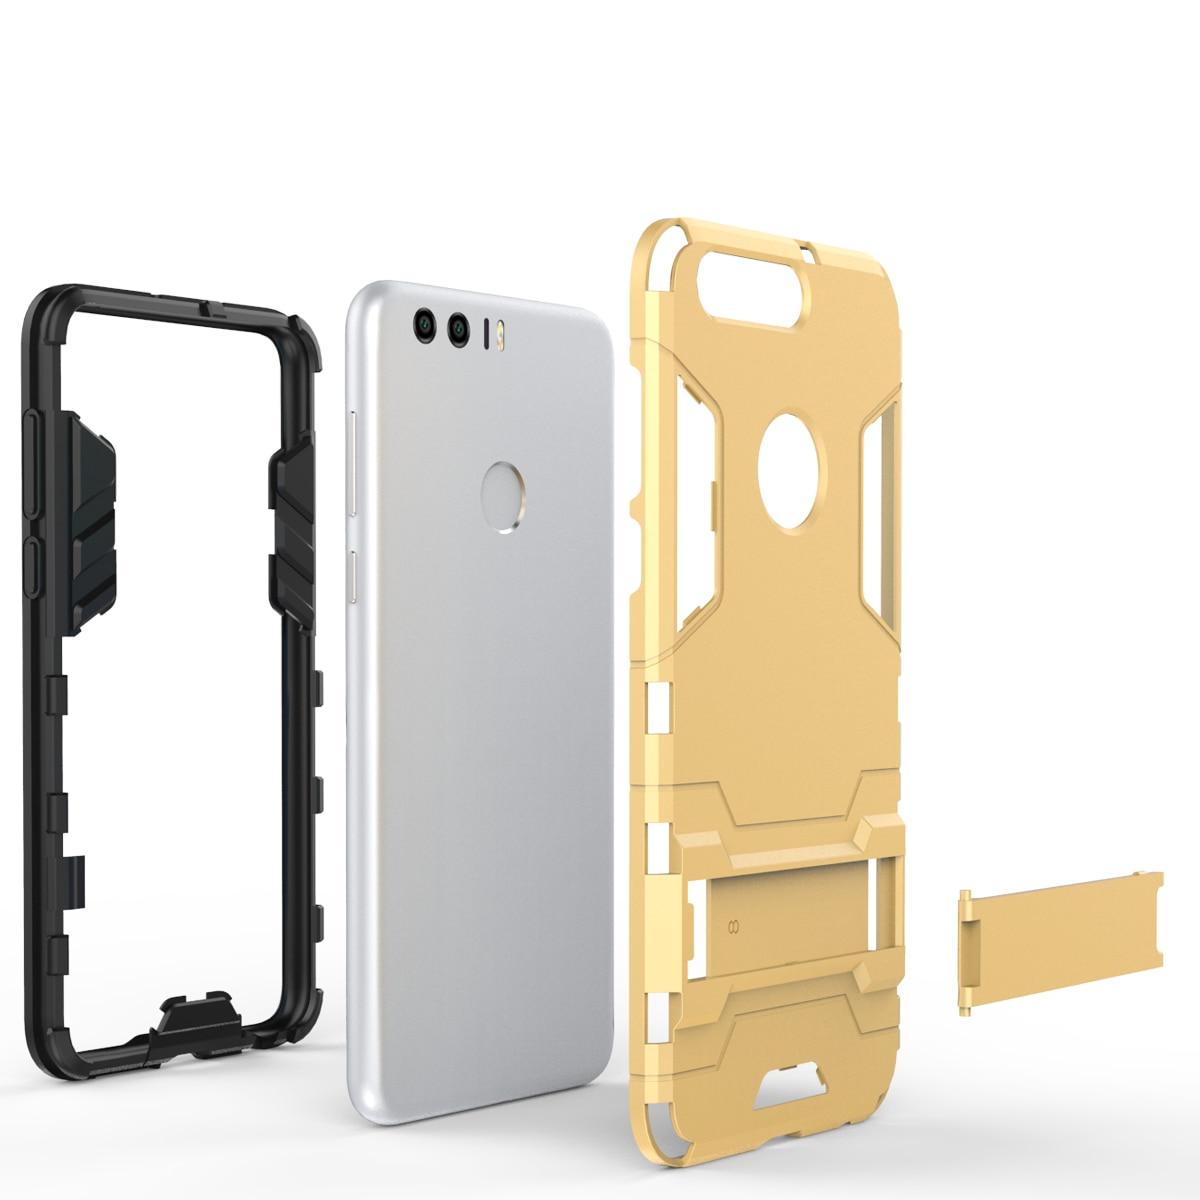 Per Huawei Honor Caso di 8 Heavy Duty Armatura Caso Duro Ibrido Robusta Gomma di Silicone Della Copertura Del Telefono Per Huawei Honor 8 5.2 pollici (